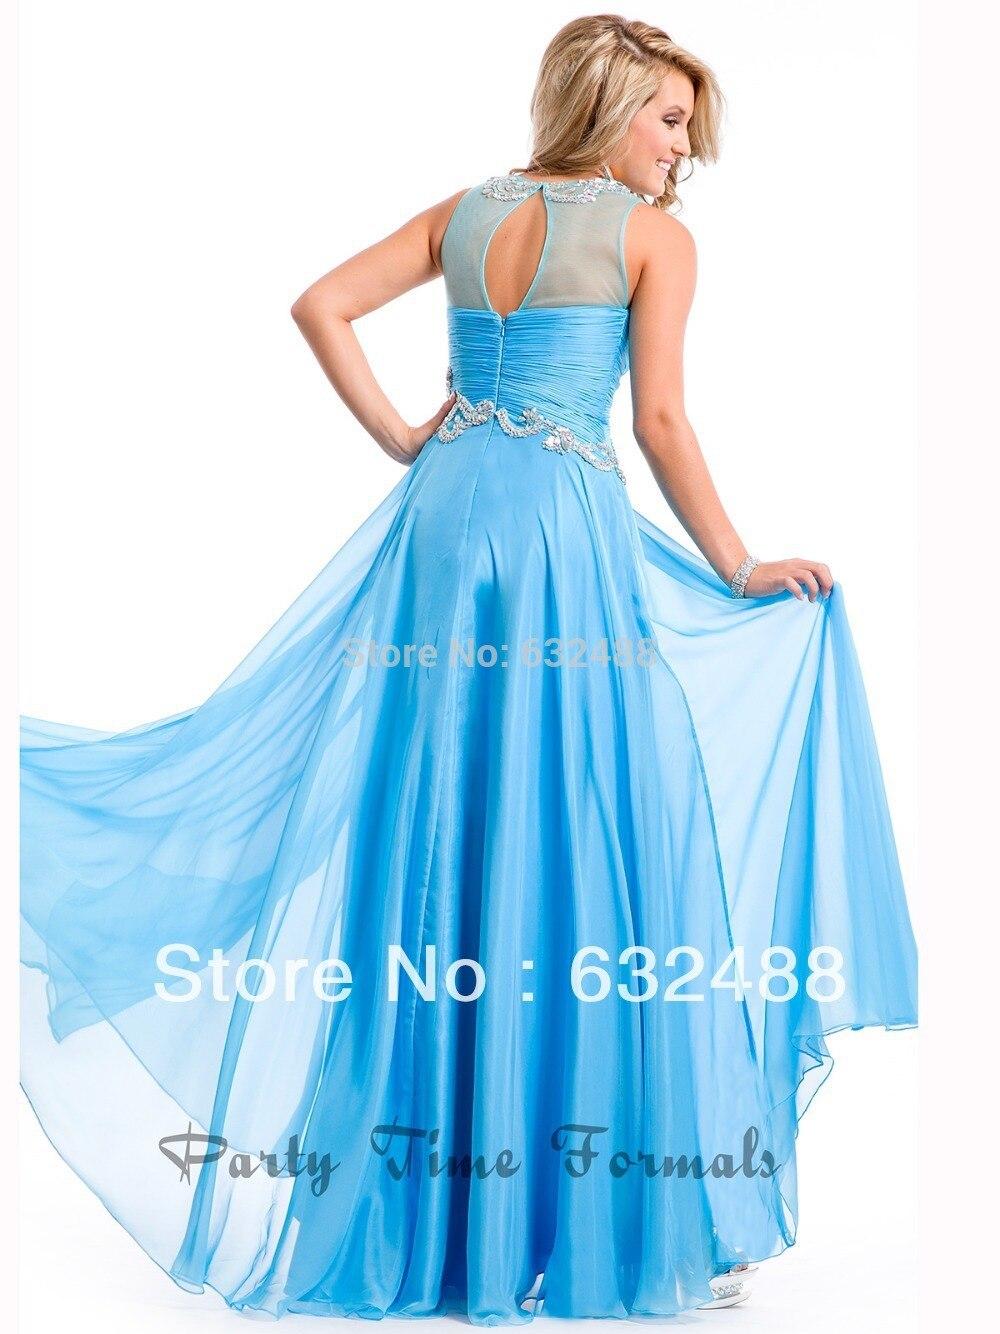 Xoxo Short Prom Dresses_Prom Dresses_dressesss